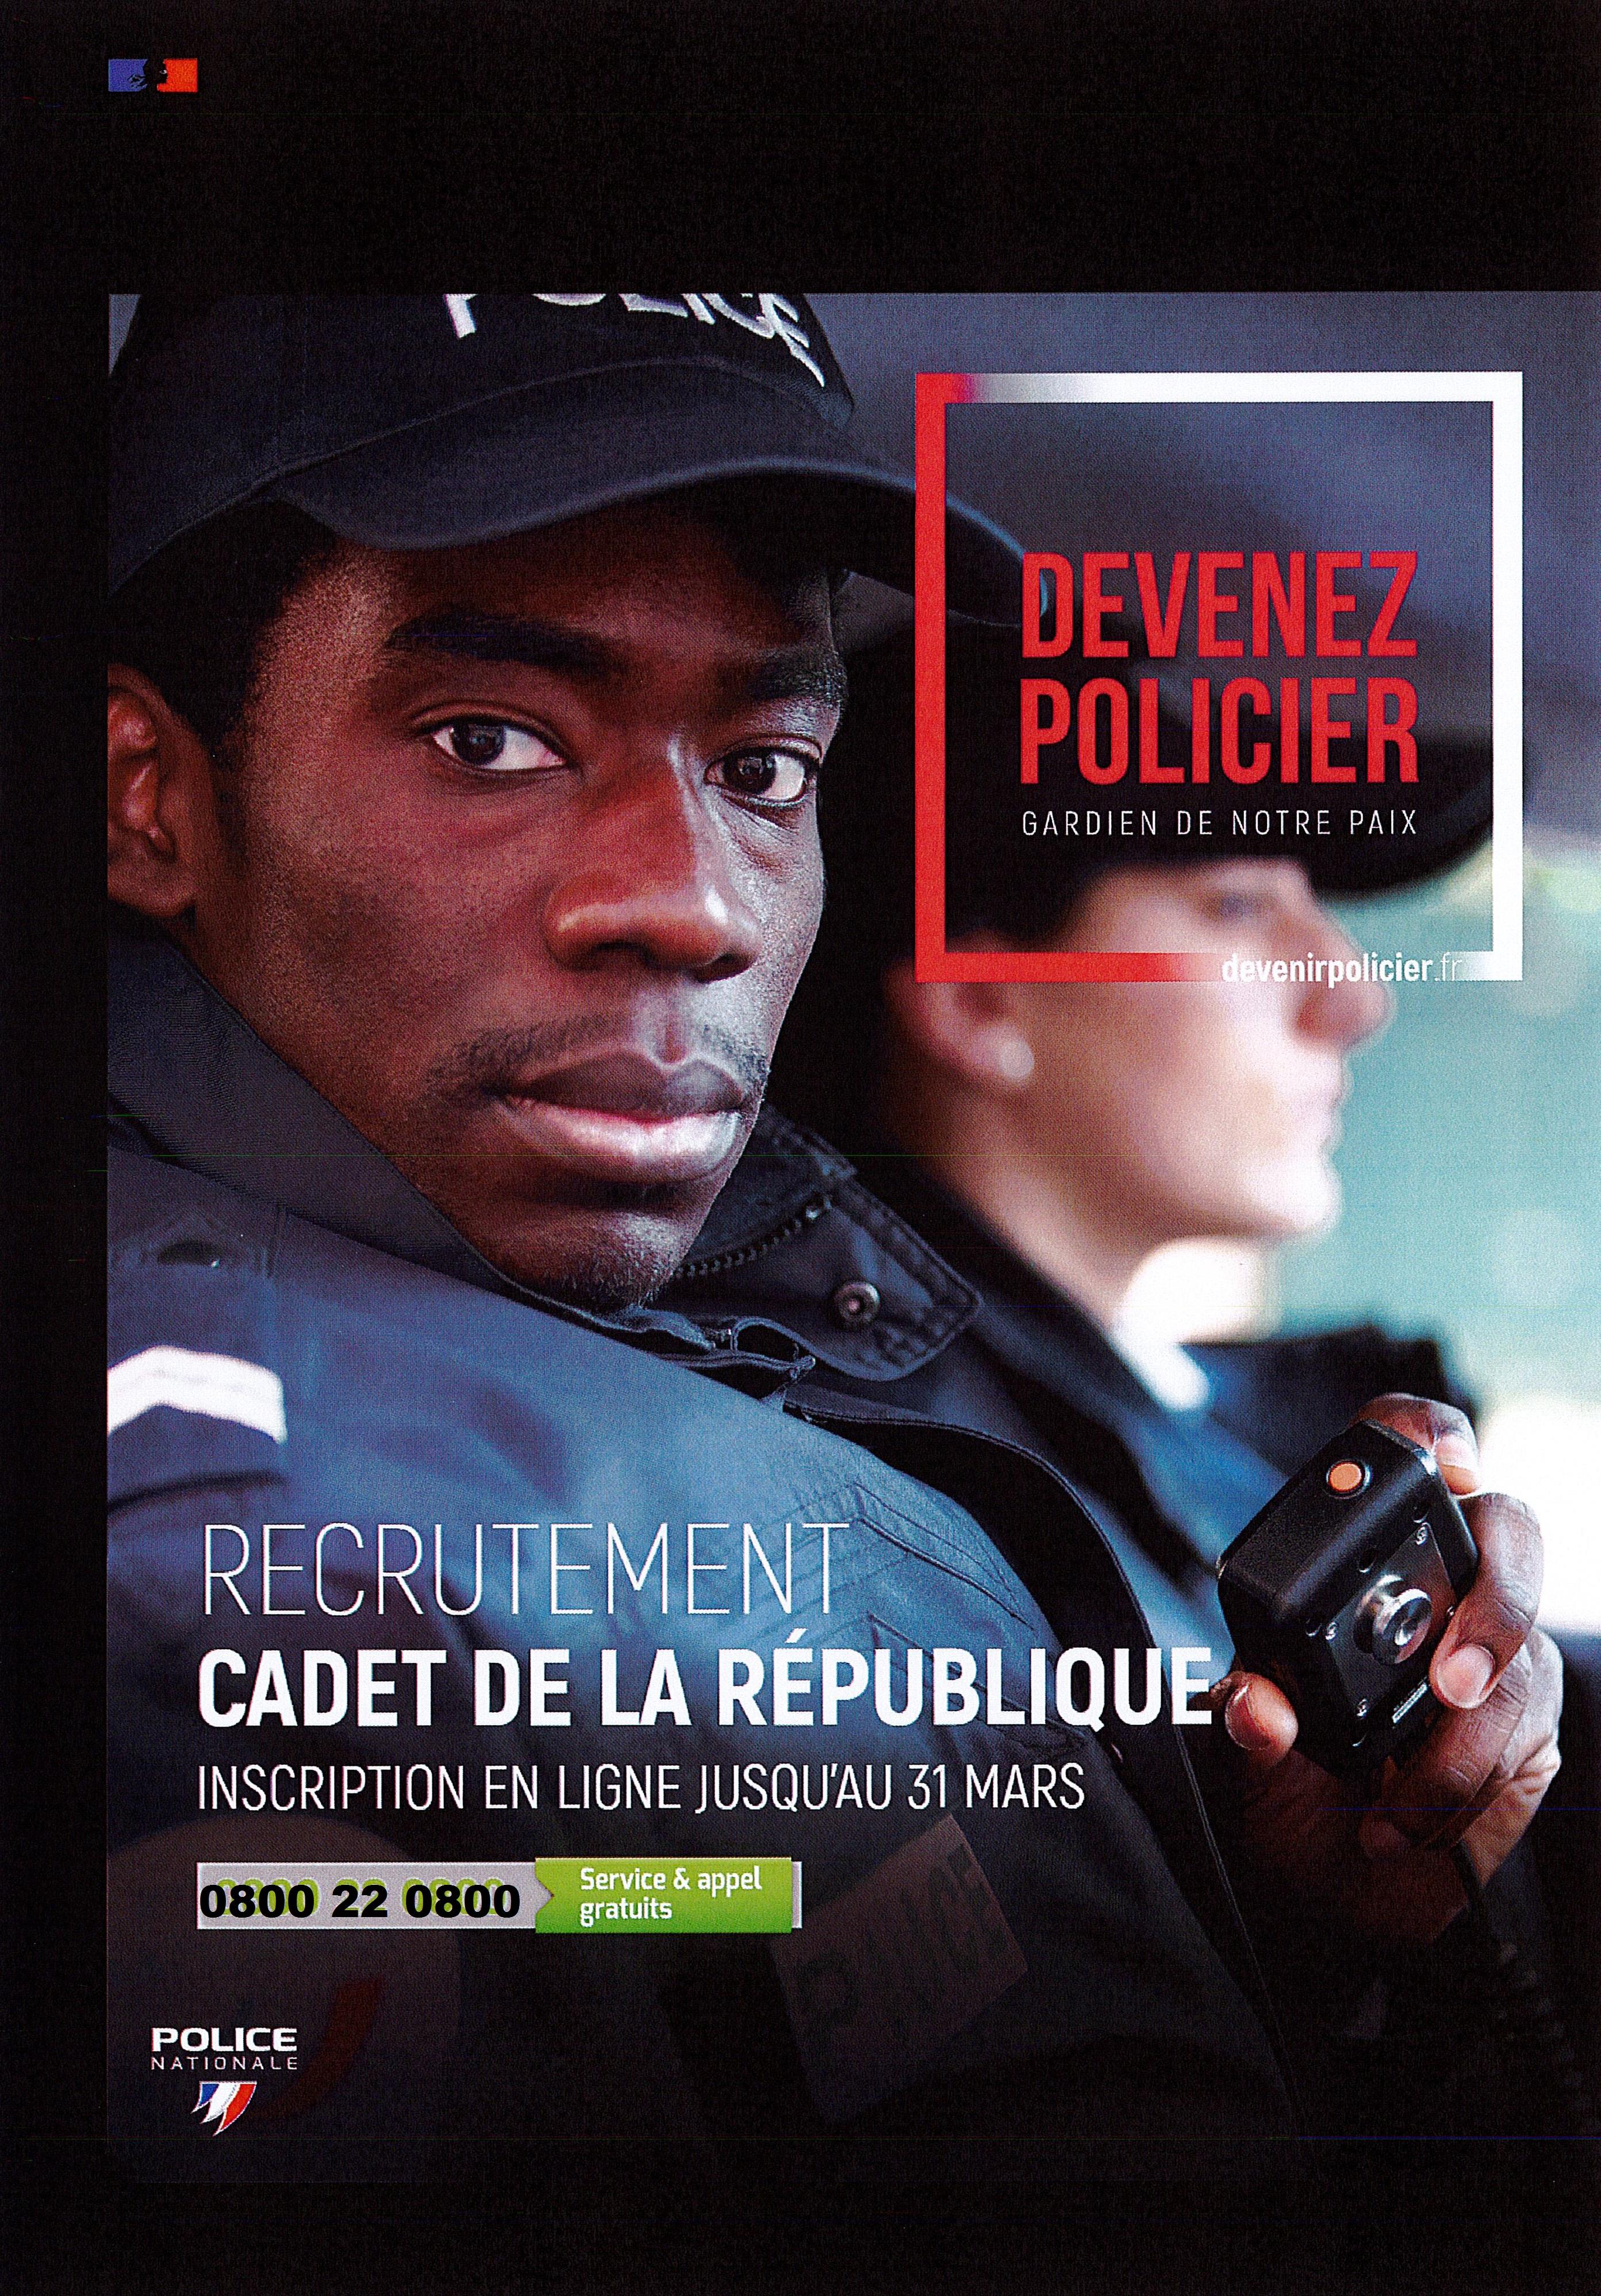 Cadet de la république maj